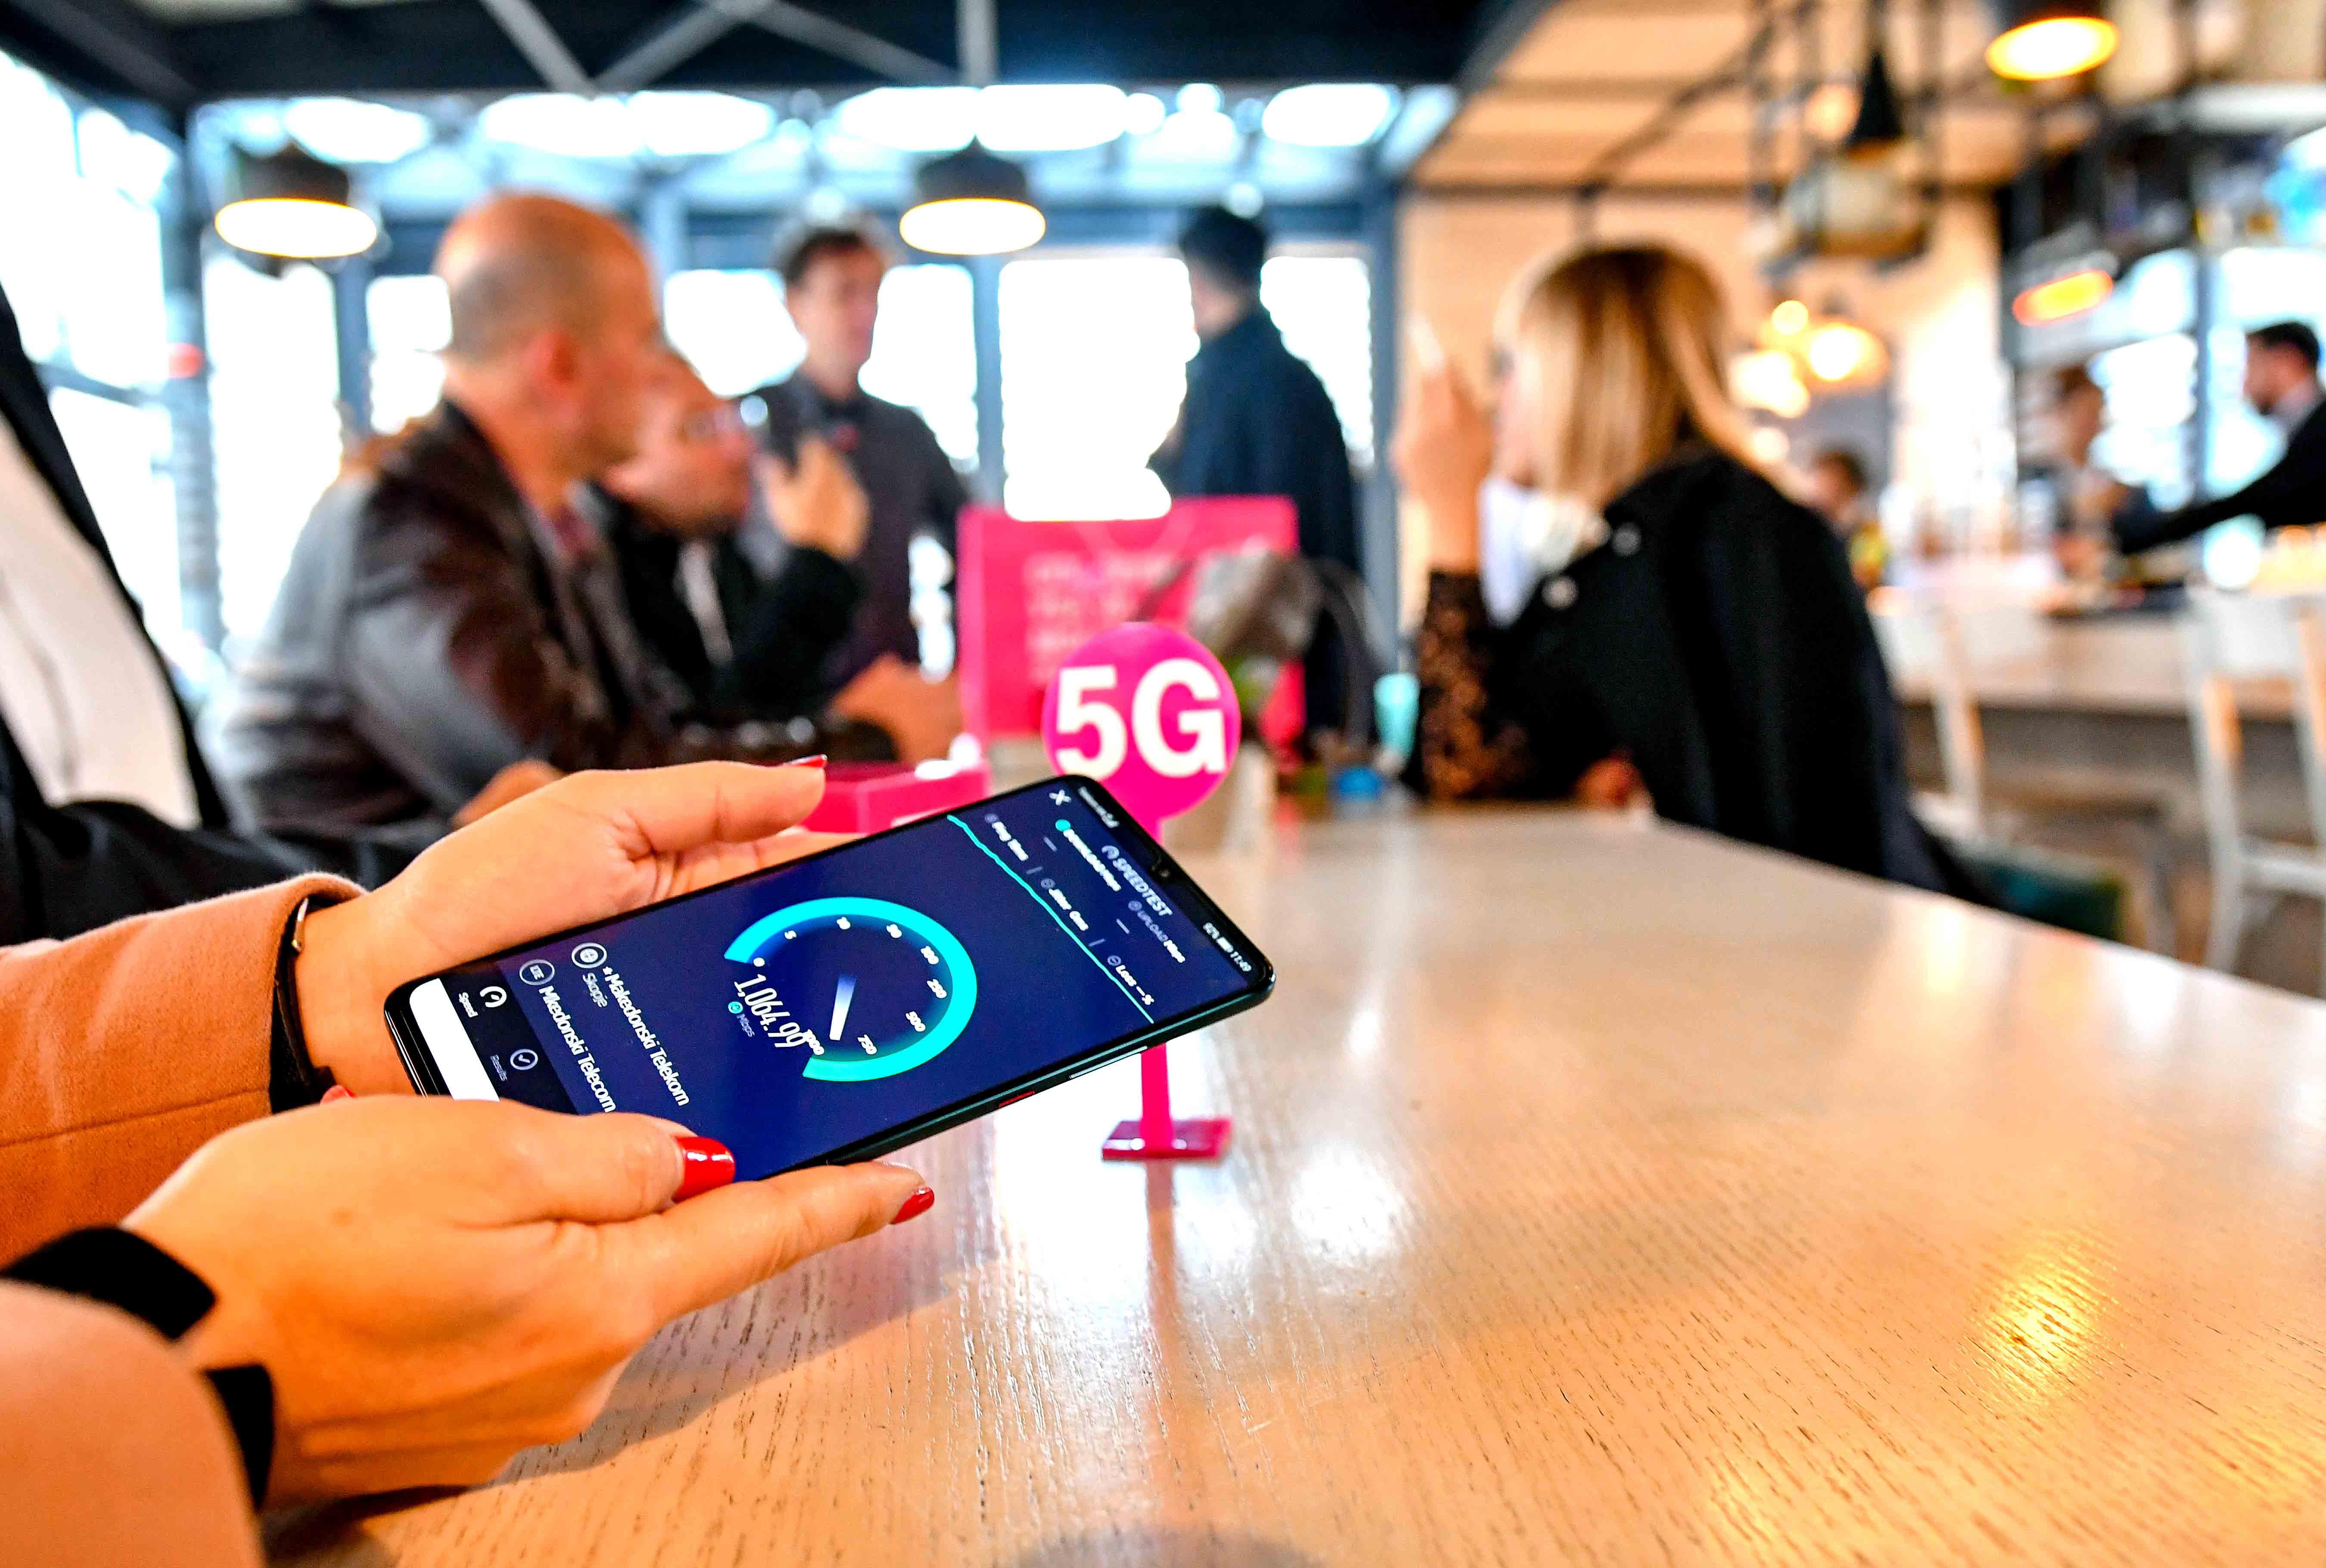 АЕК: Нема основа граѓаните да се грижат за штетноста од зрачењето на 5G